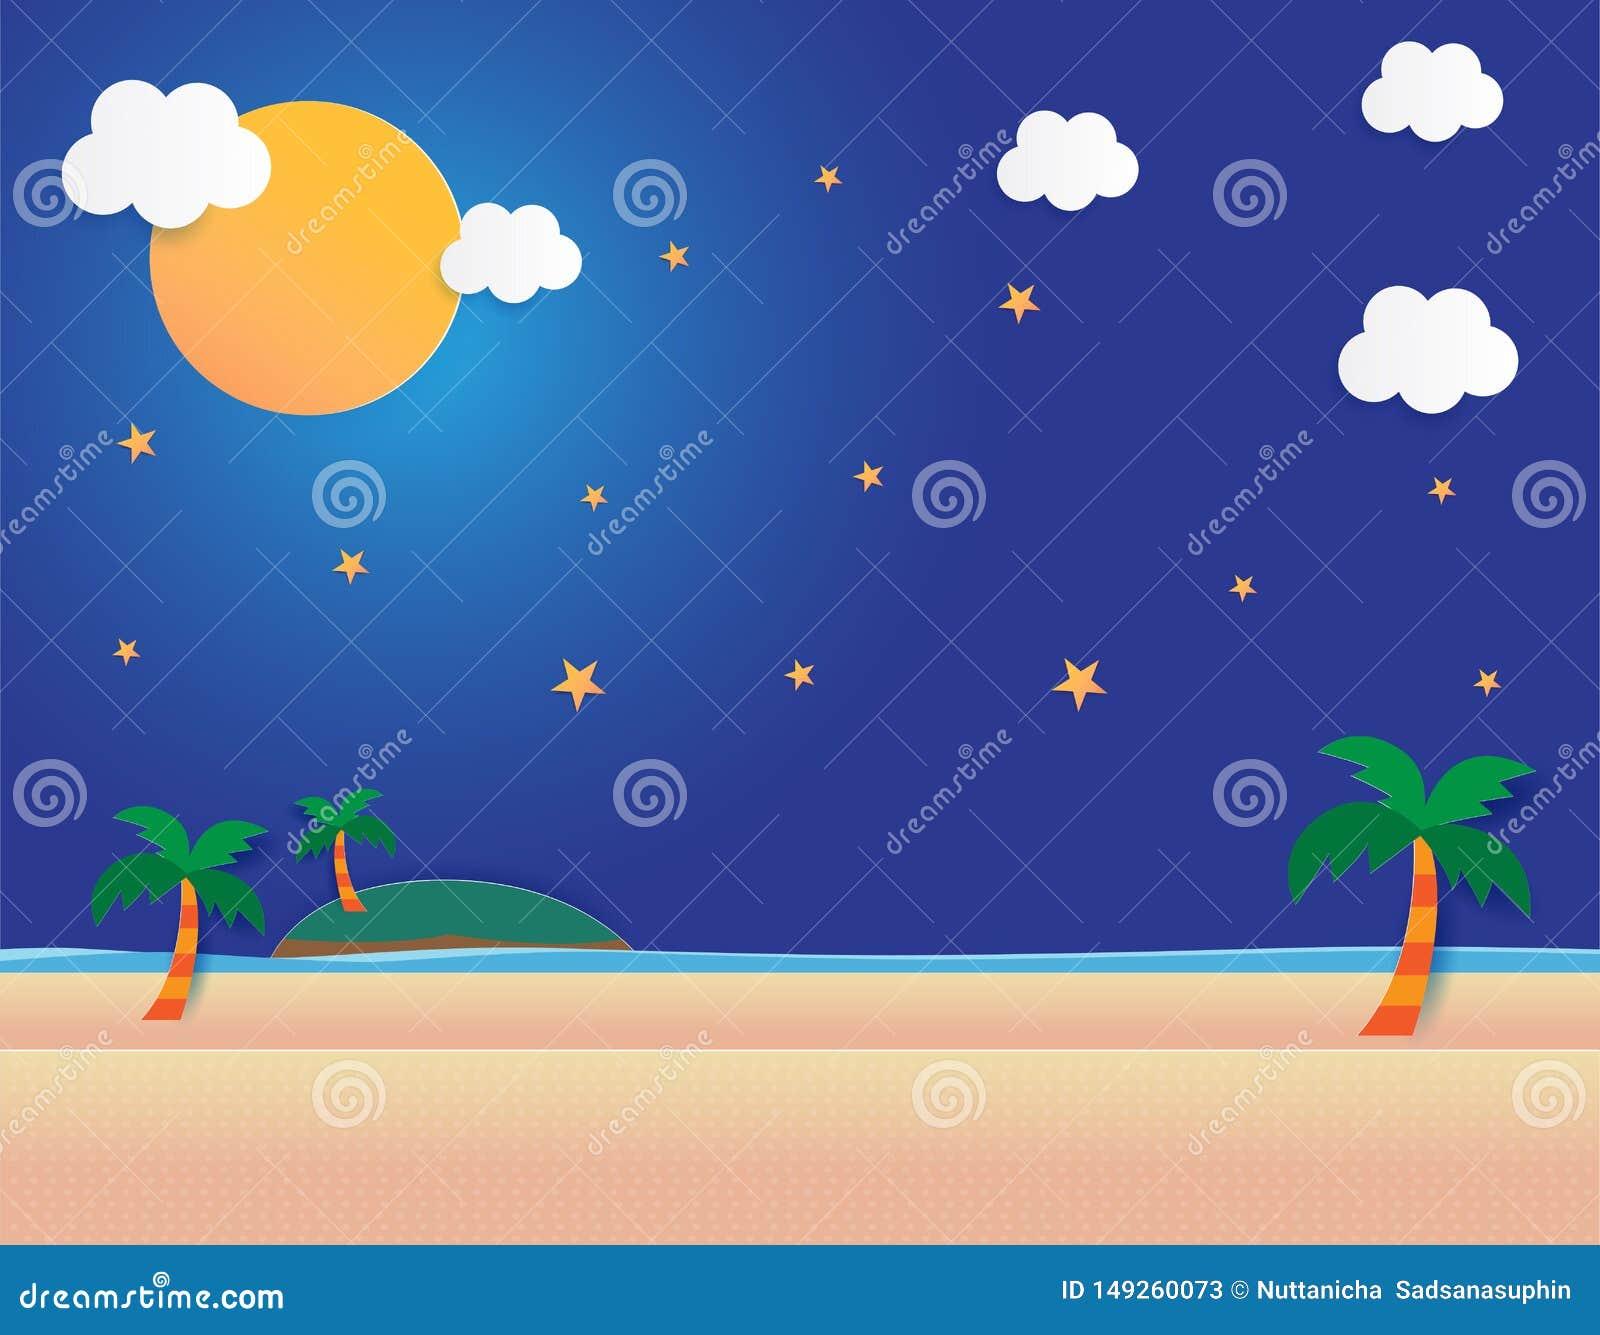 Overzeese mening met maan en sterren in middernacht, Mooie maan bij strand, document van de achtergrond kunststijl vlakke ontwerp